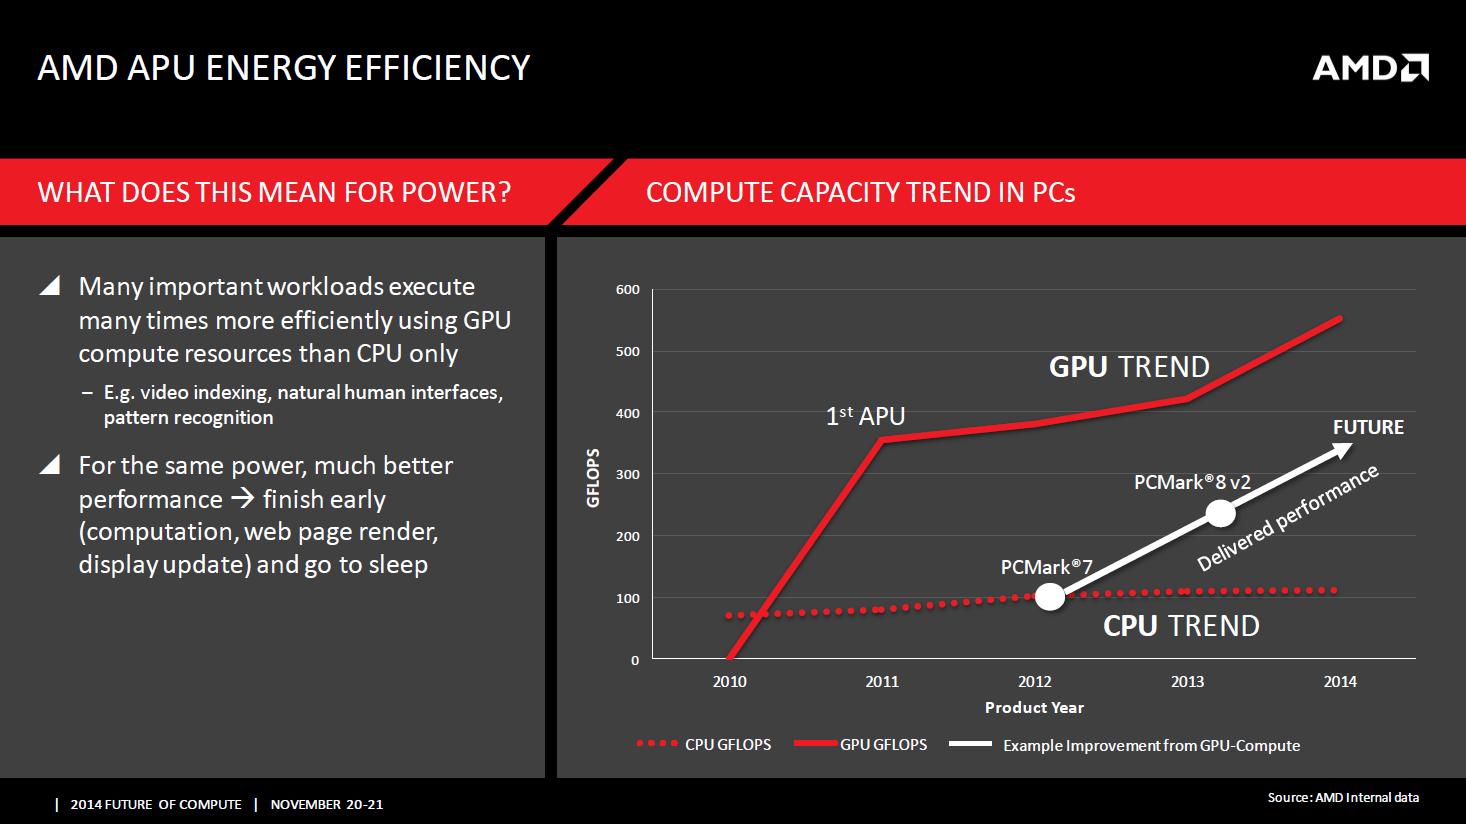 gpu-cpu-amd-power-efficiency